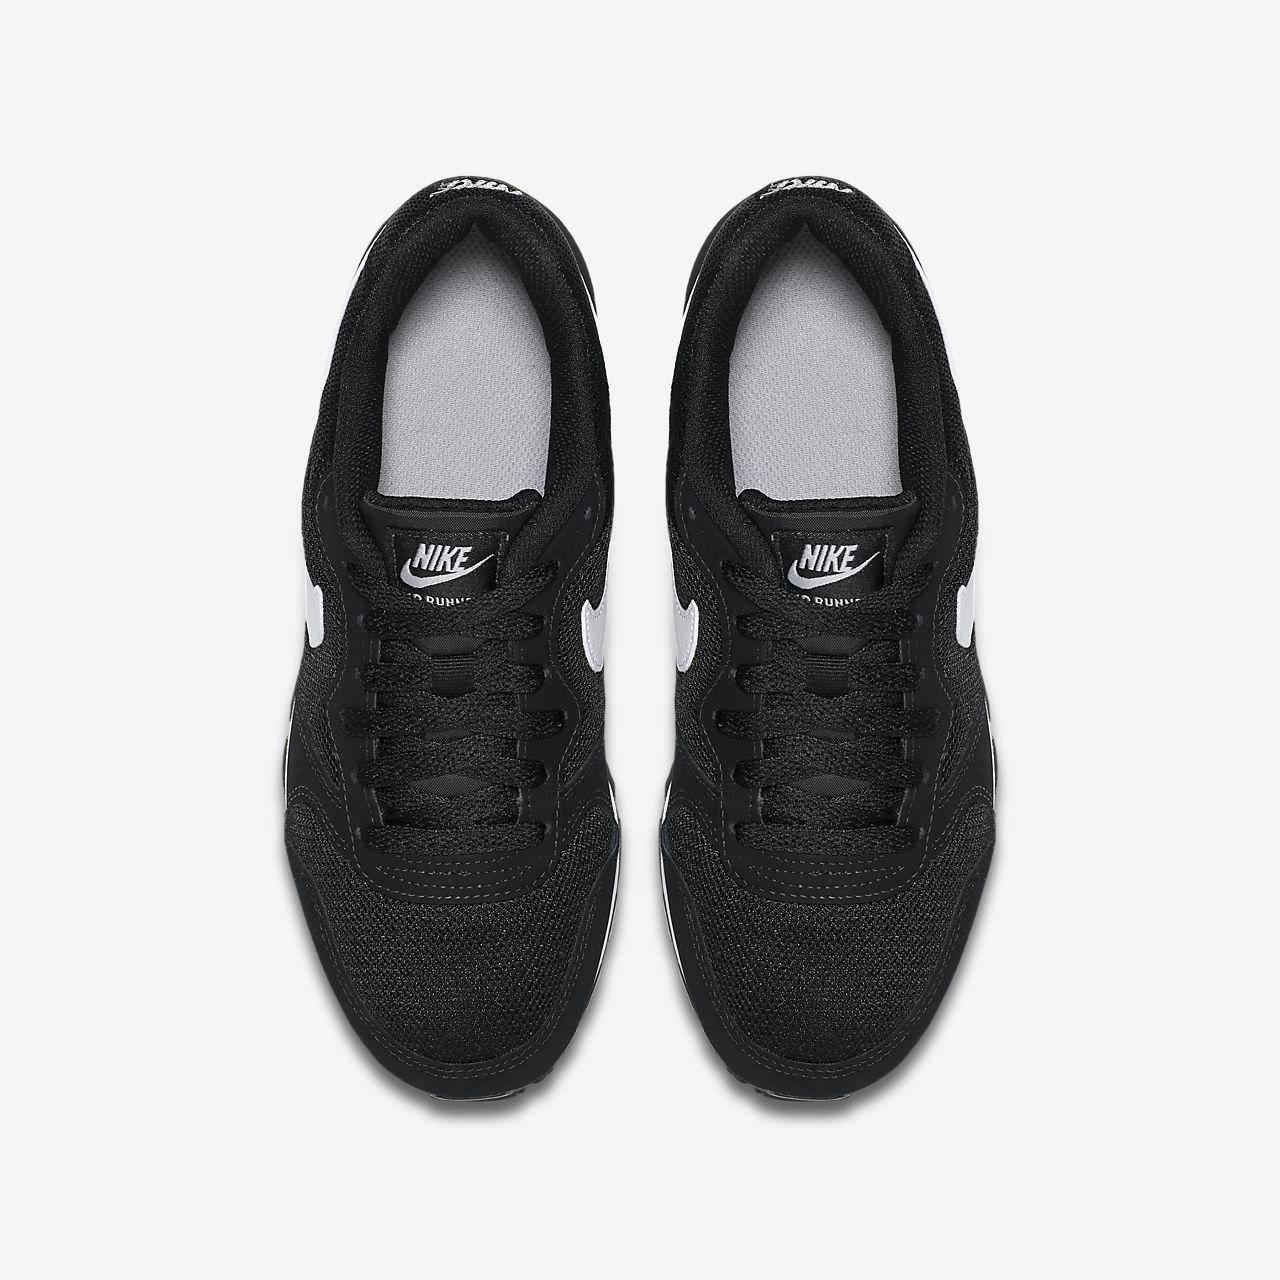 facil de manejar Maligno asiático  Nike MD Runner 2 Zapatillas - Niño/a. Nike ES